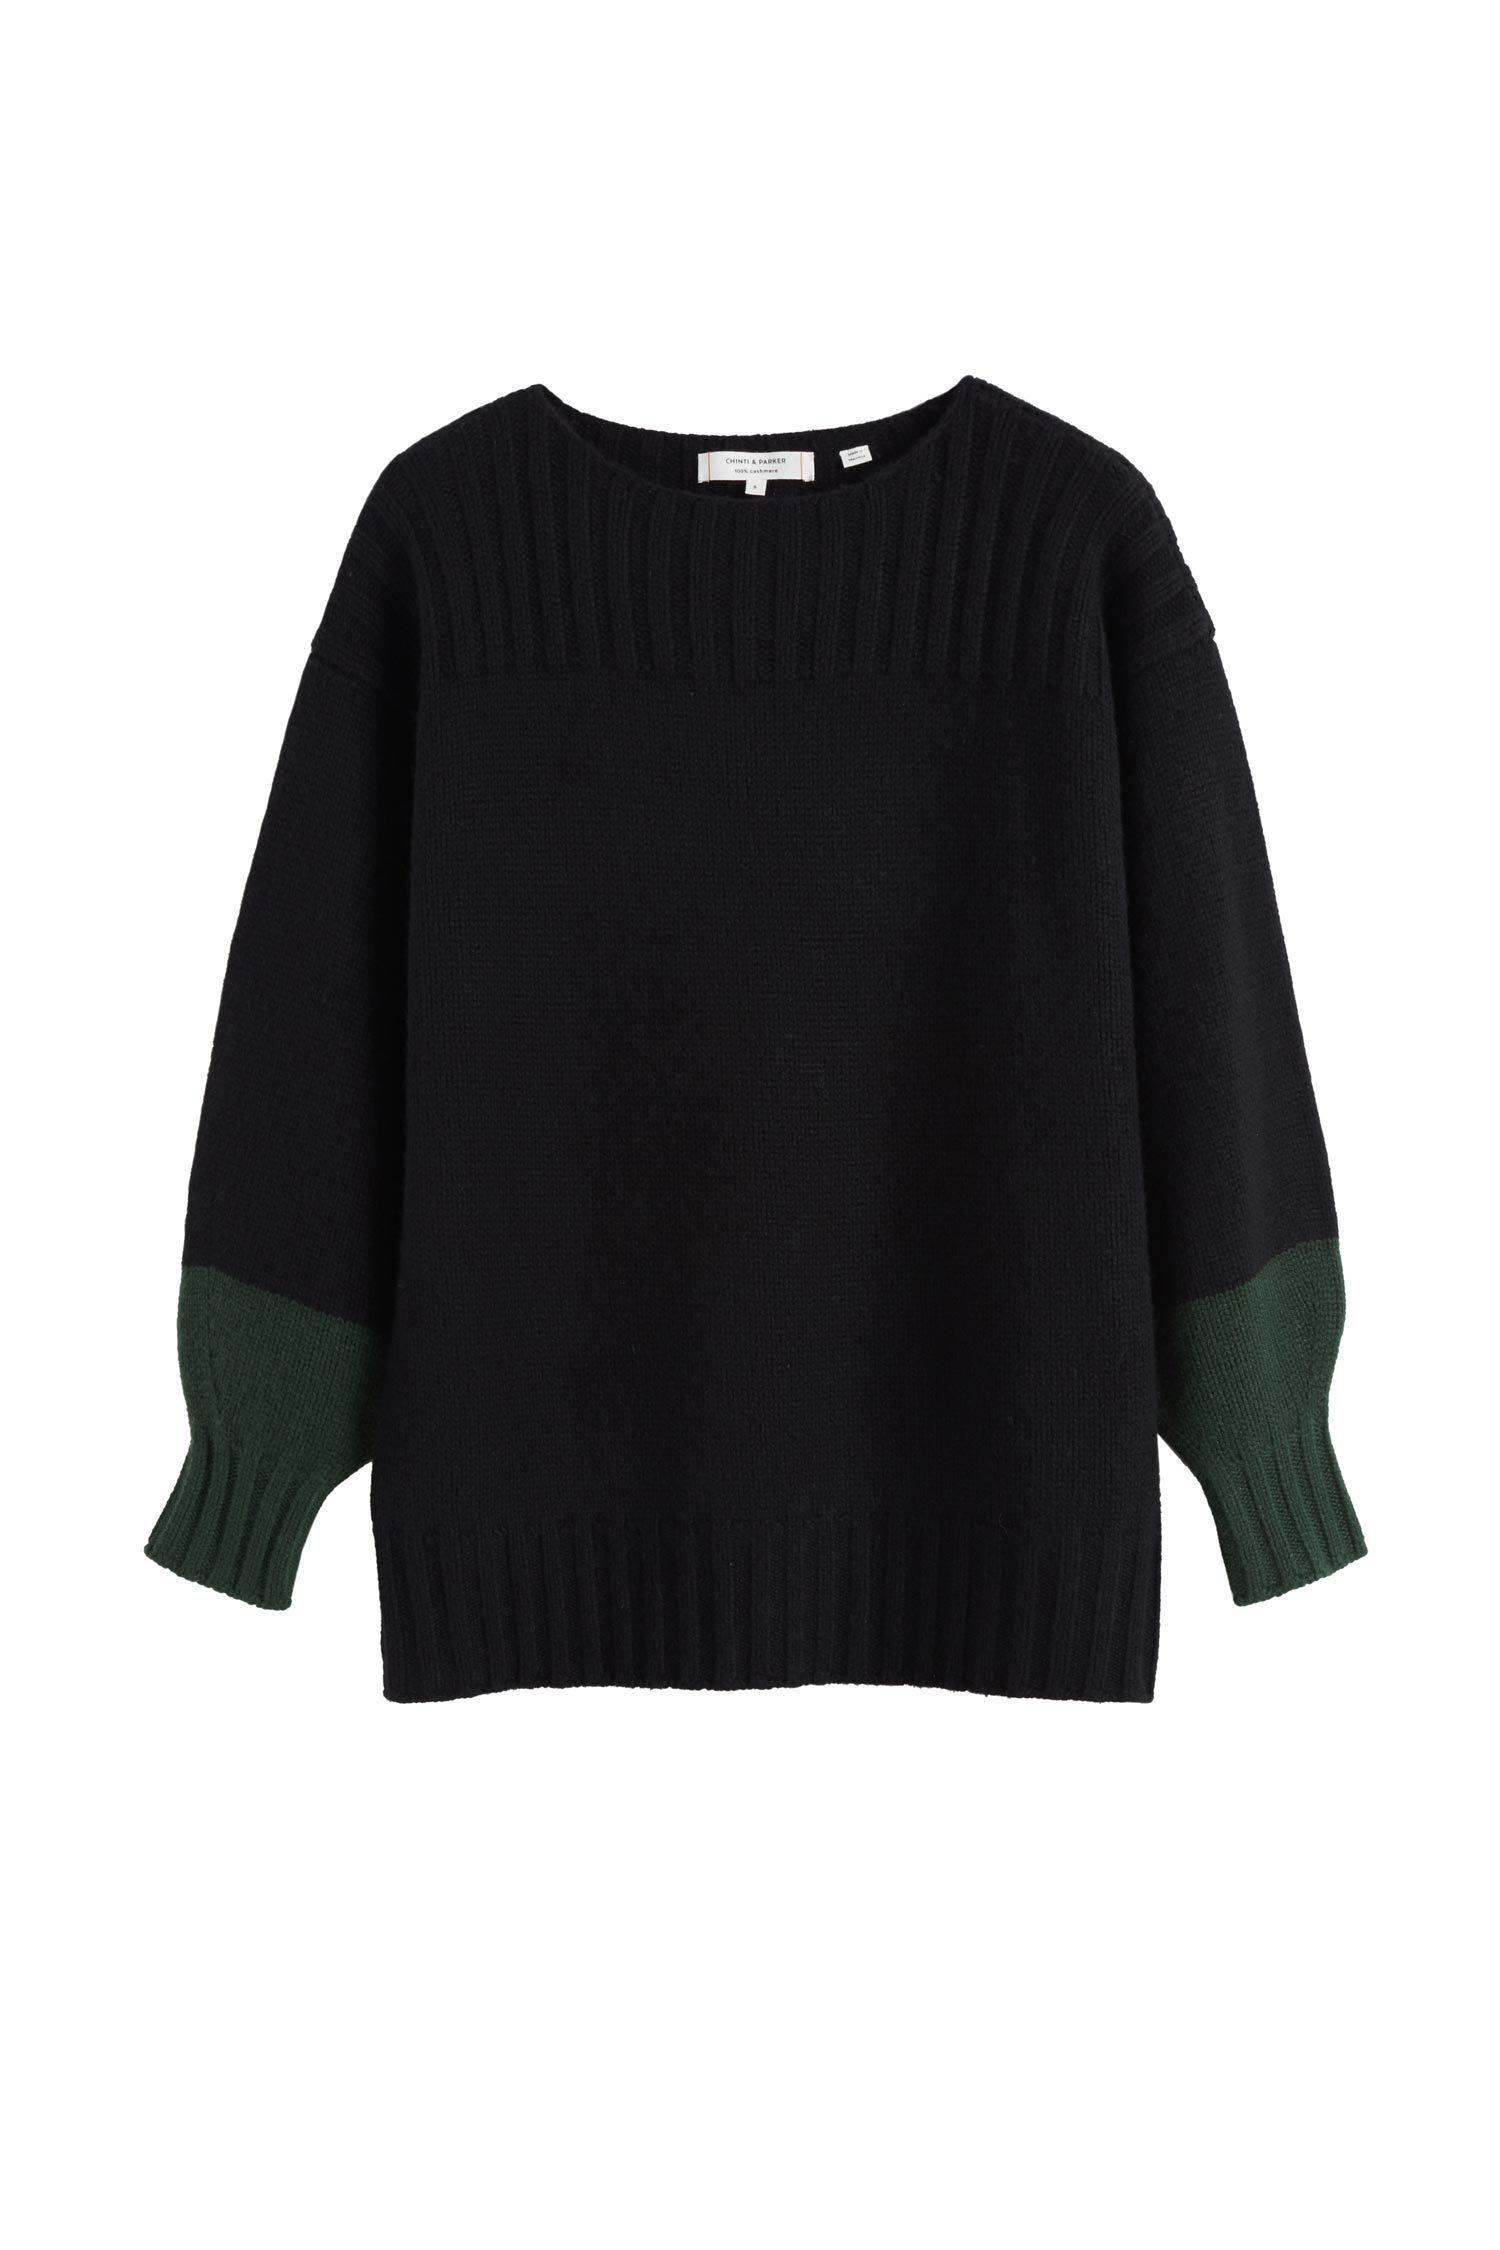 Shop Chinti & Parker Black Belle Cashmere Sweater